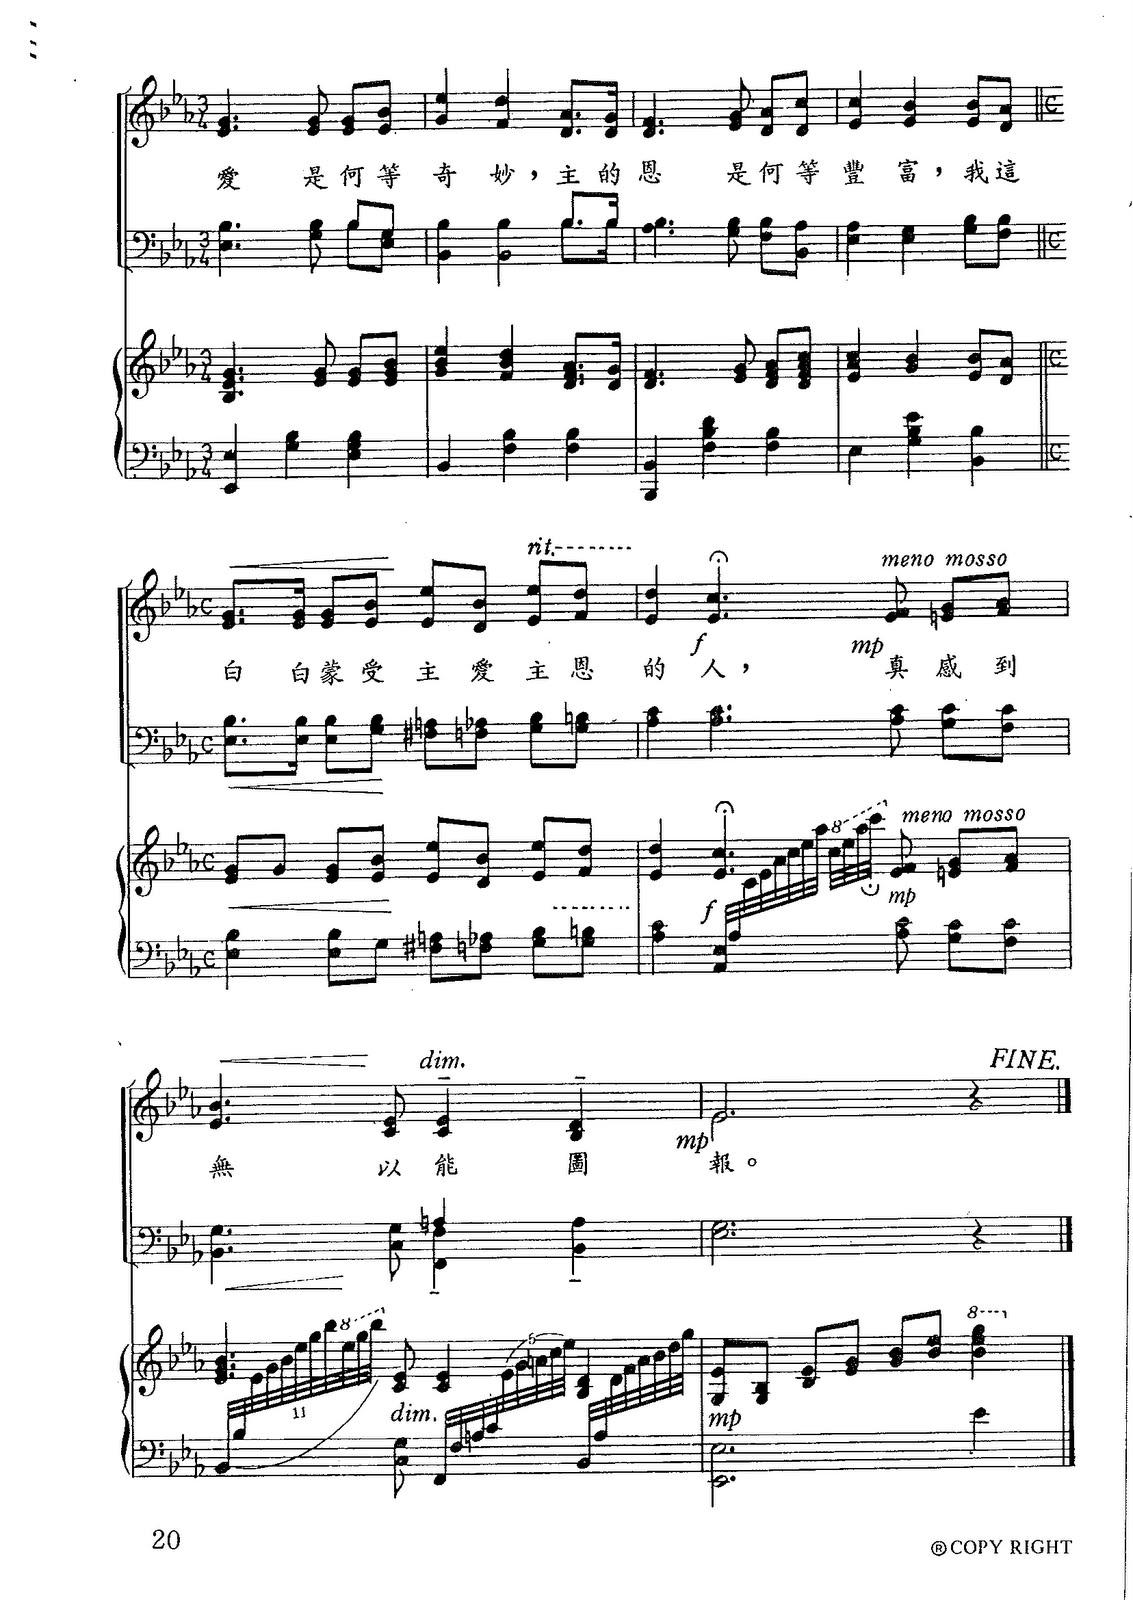 聖樂作曲家 - 楊伯倫音樂分享: 奇妙的愛